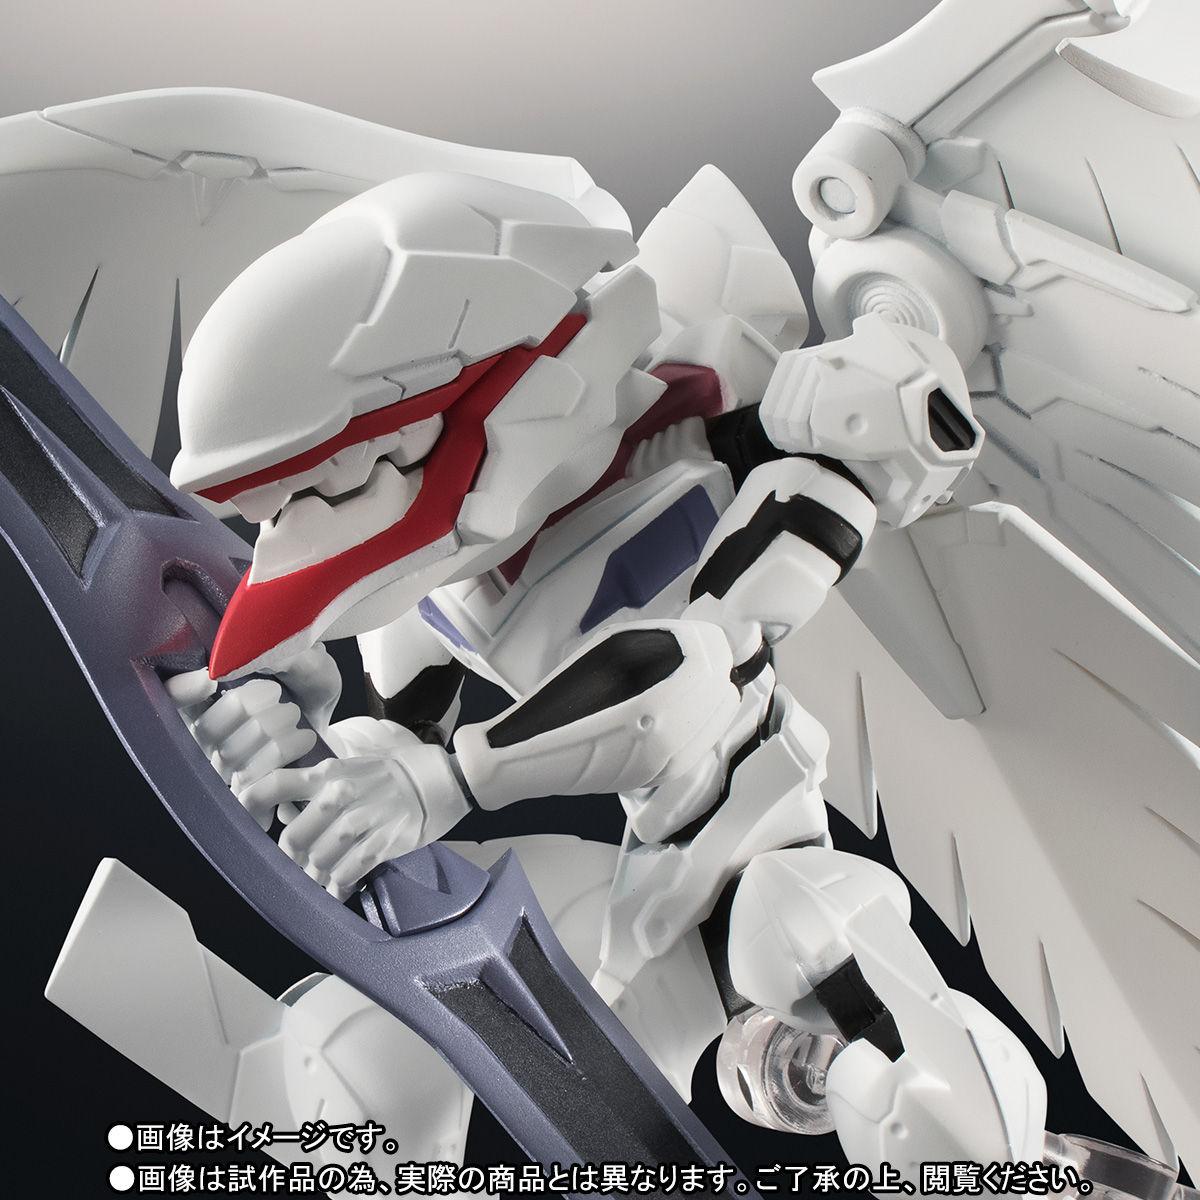 ネクスエッジスタイル [EVA UNIT] 『エヴァンゲリオン量産機』可動フィギュア-001